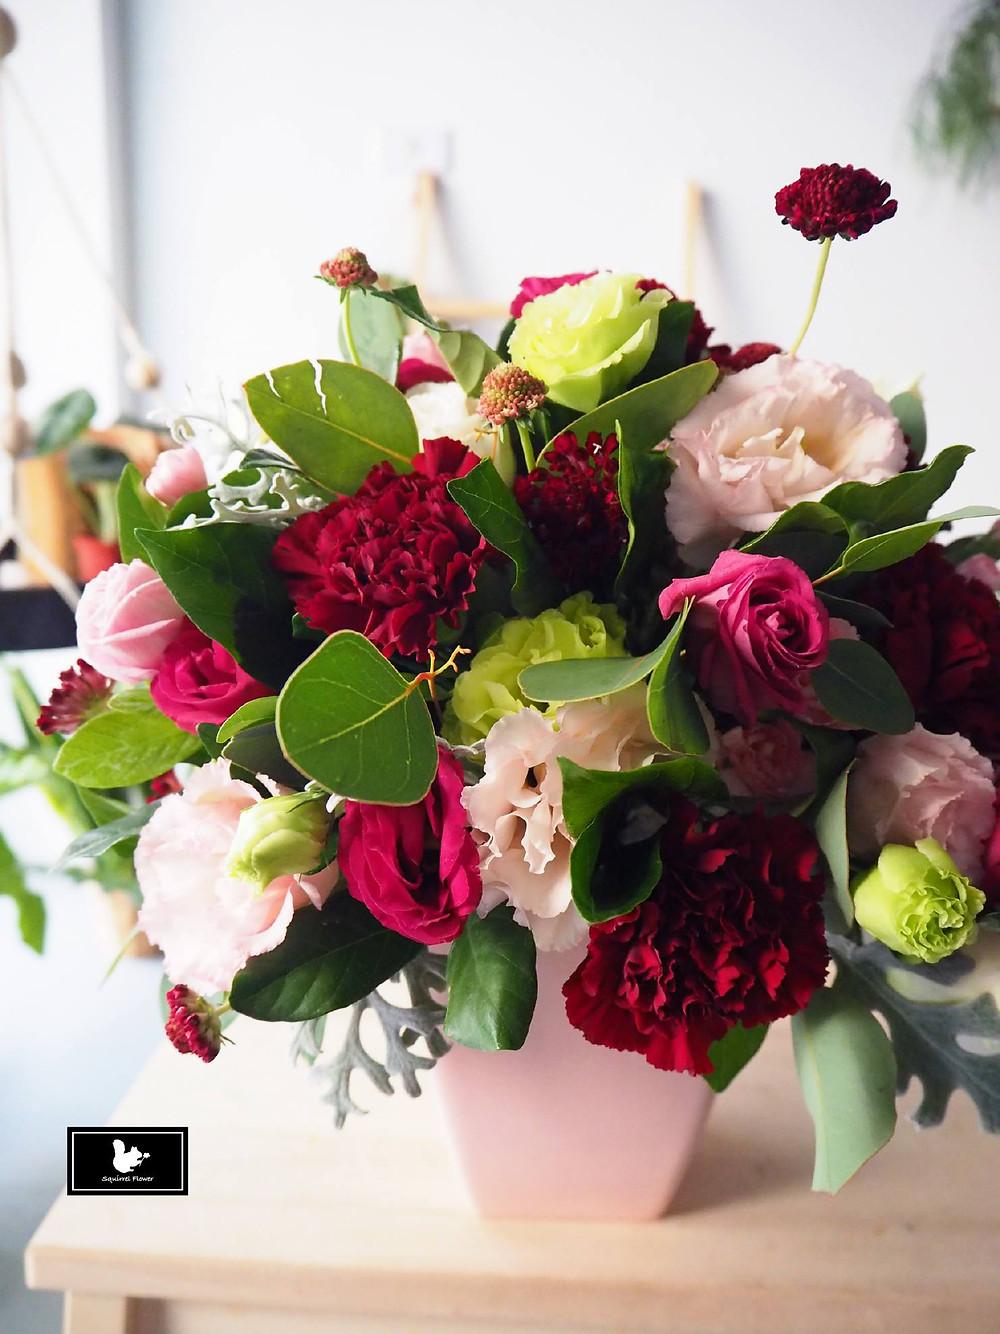 新竹母親節盆花